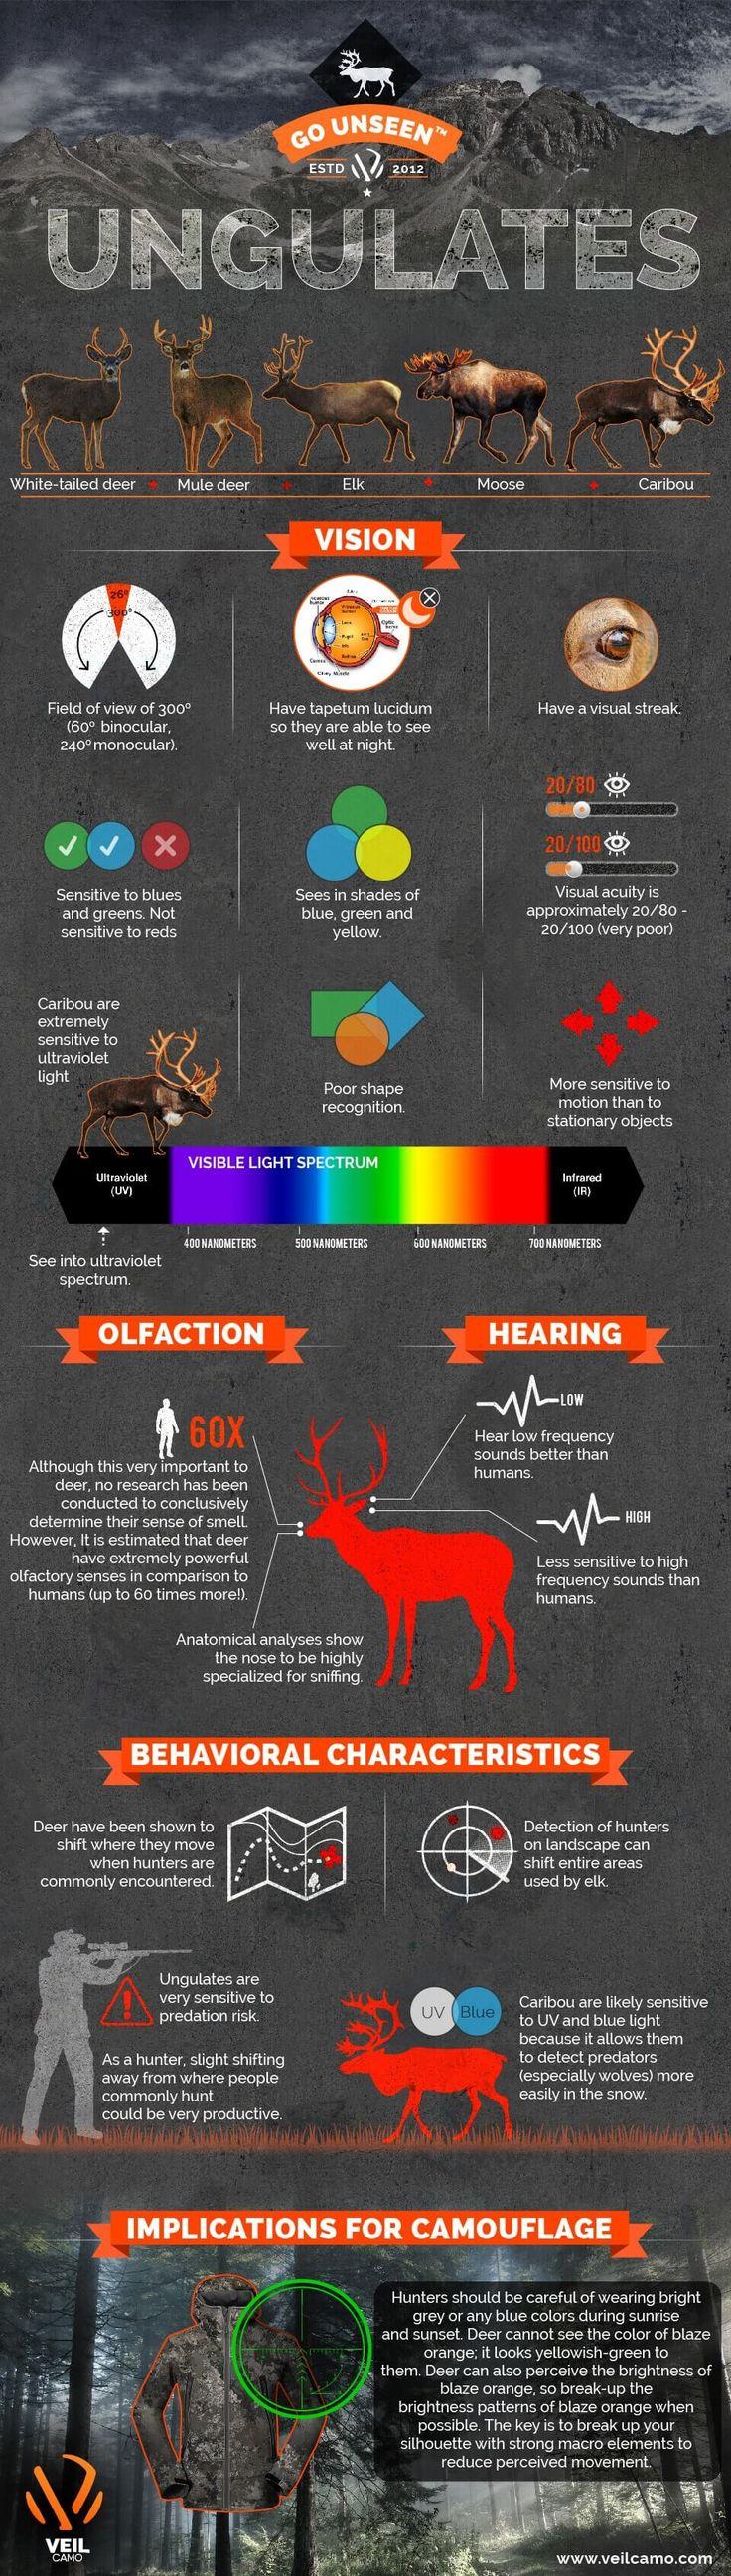 HUNTING UNGULATES( White-tailed Deer, Mule Deer, Elk, Moose, Caribou)